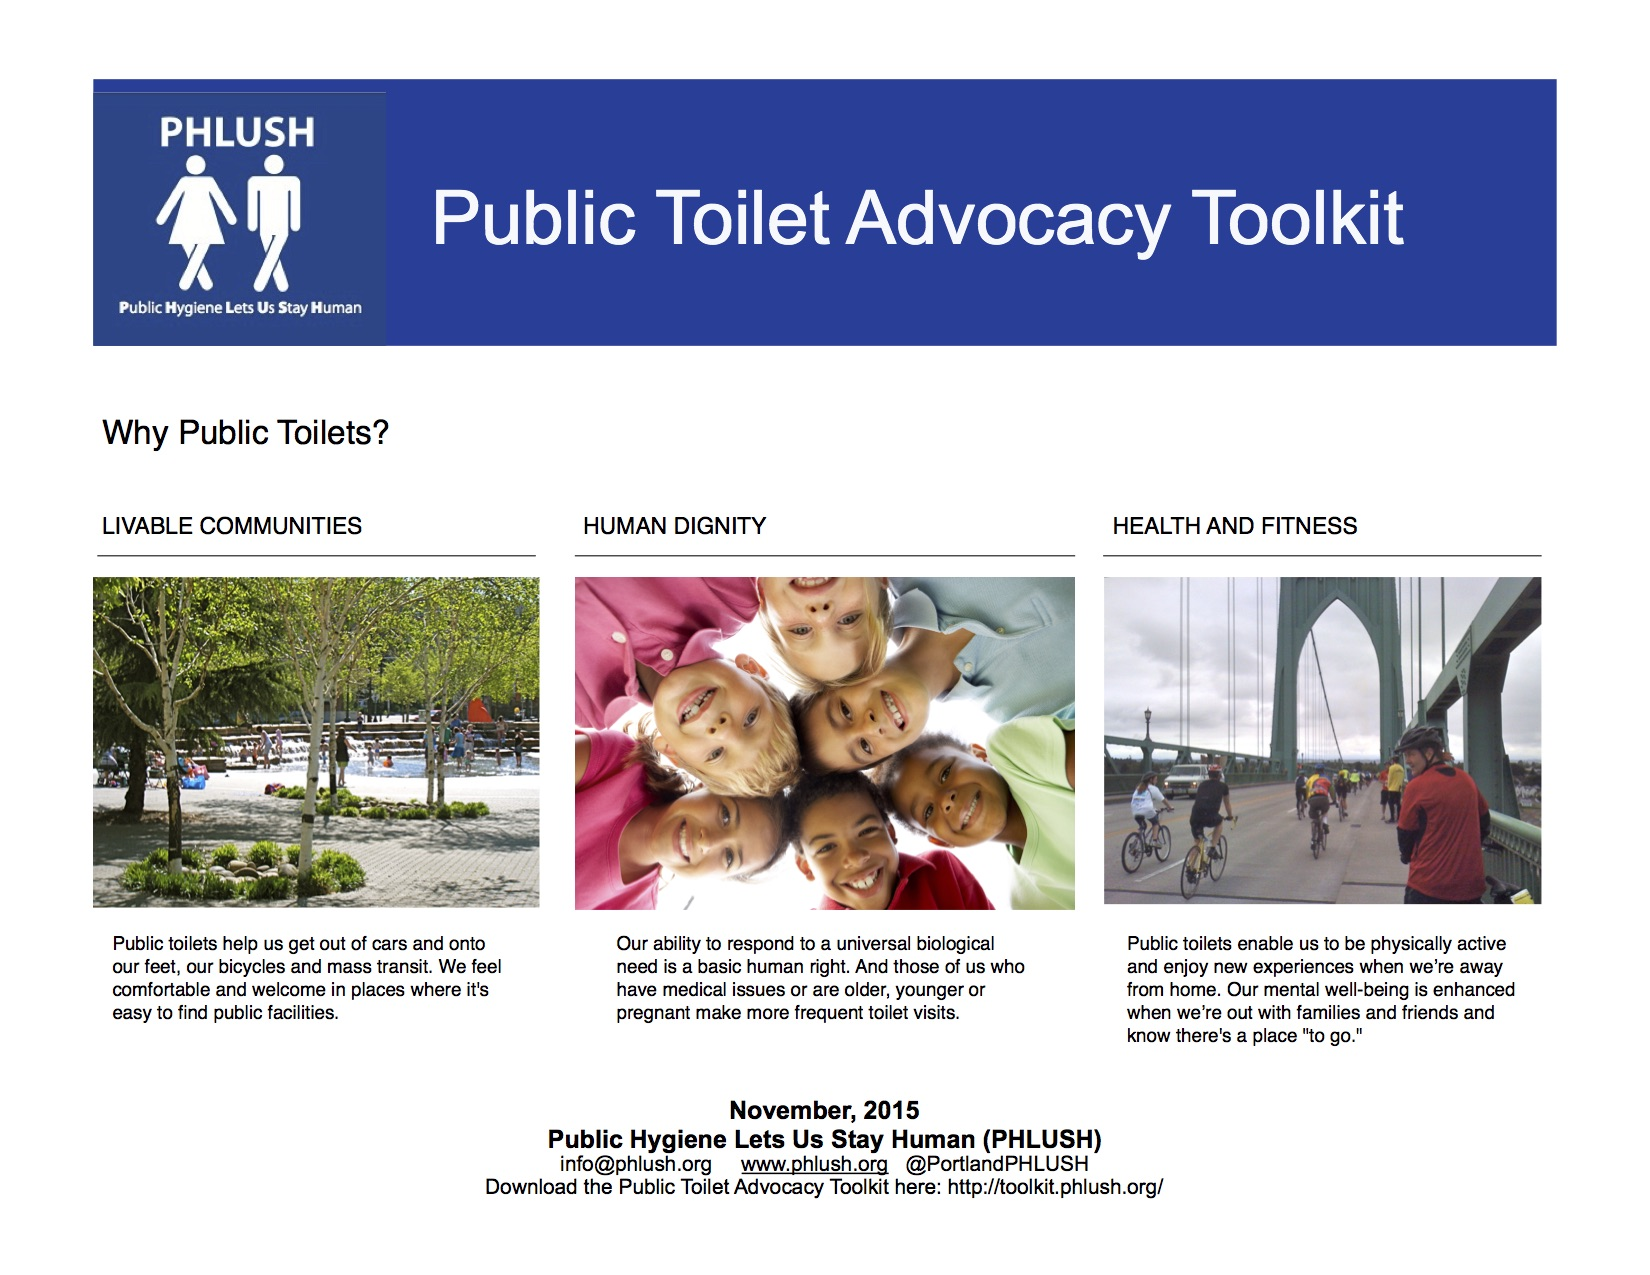 ToolkitTitlePage jpg - Center for Social Impact Communication